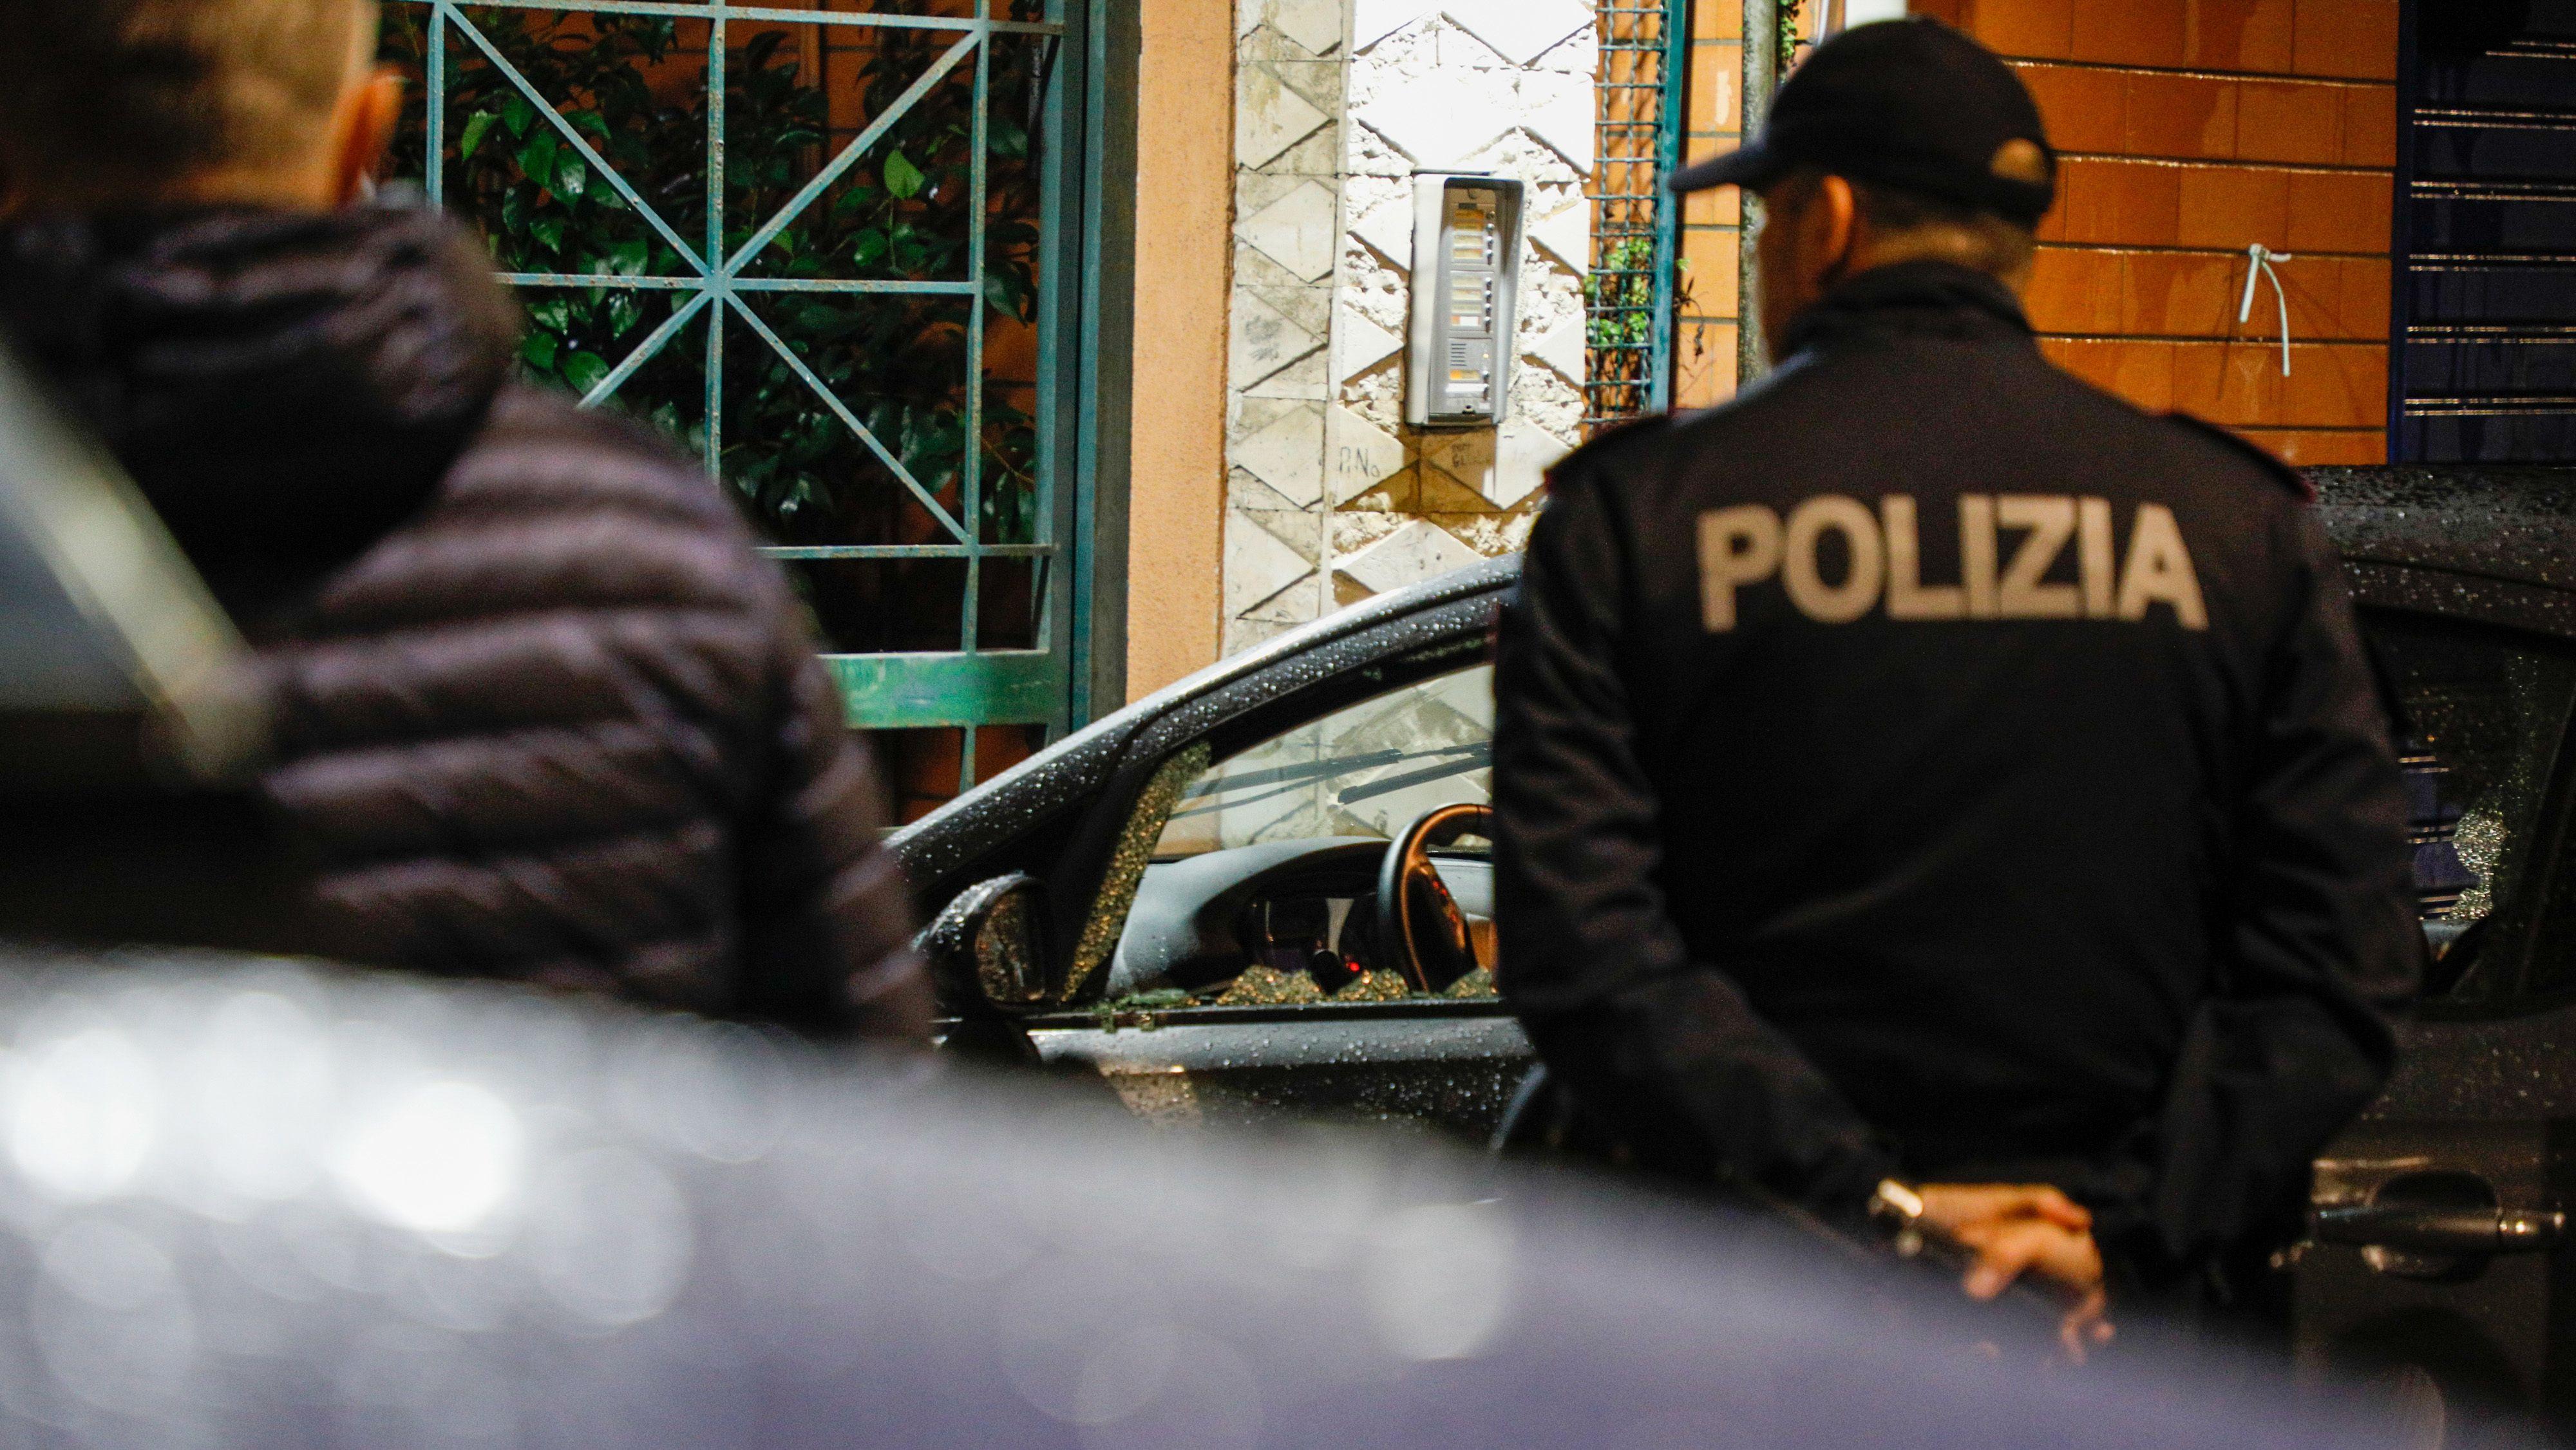 Ein Einsatz der italienischen Polizei im Umfeld eines Mafia-Clans in Neapel.